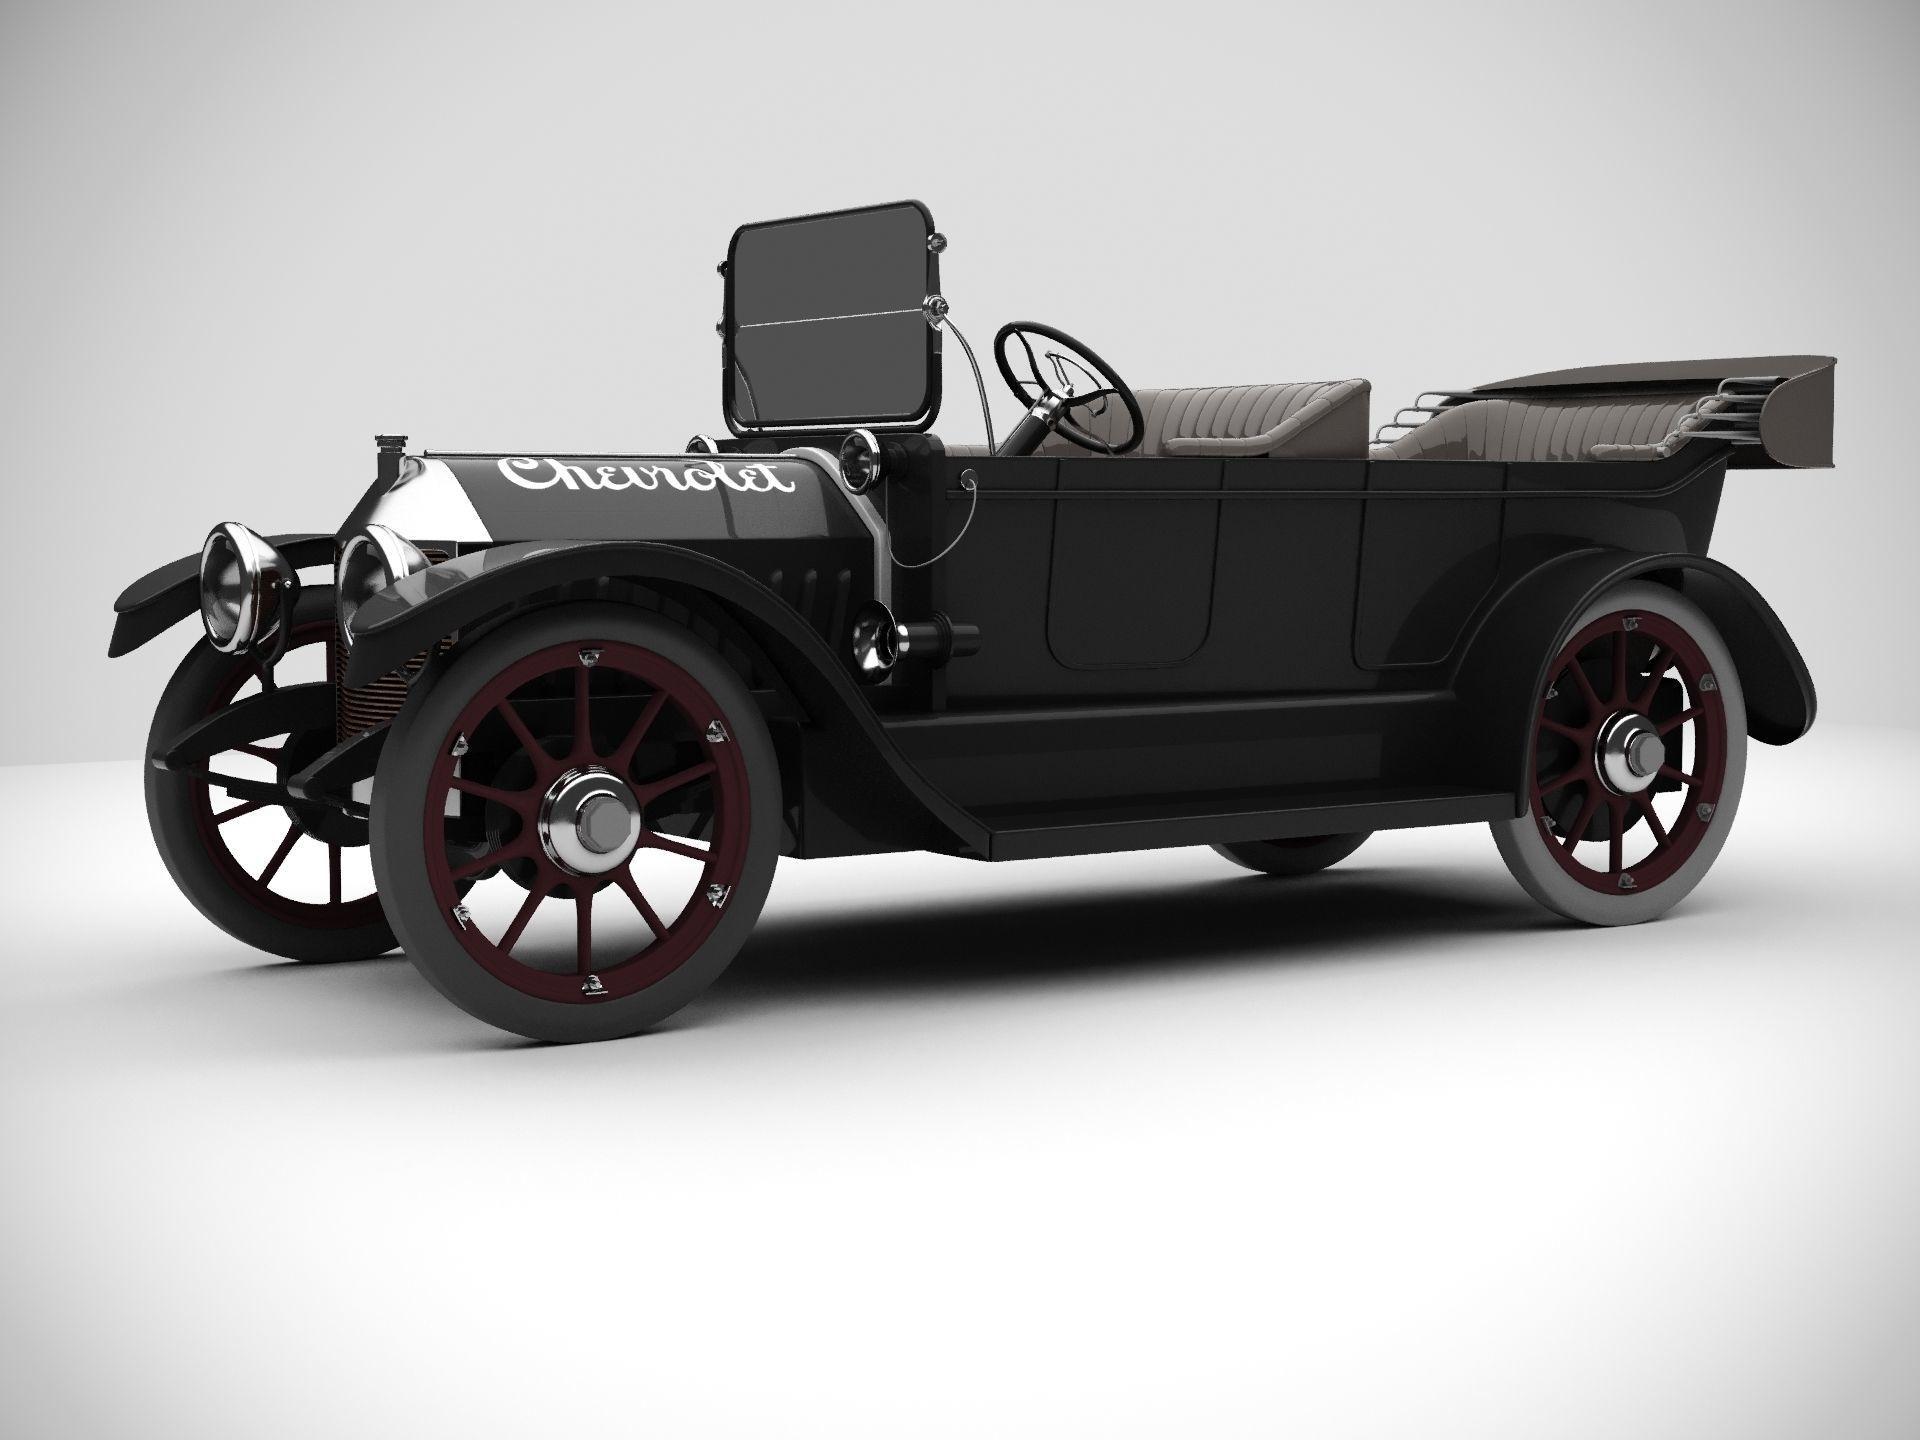 Vintage Antique Car-2